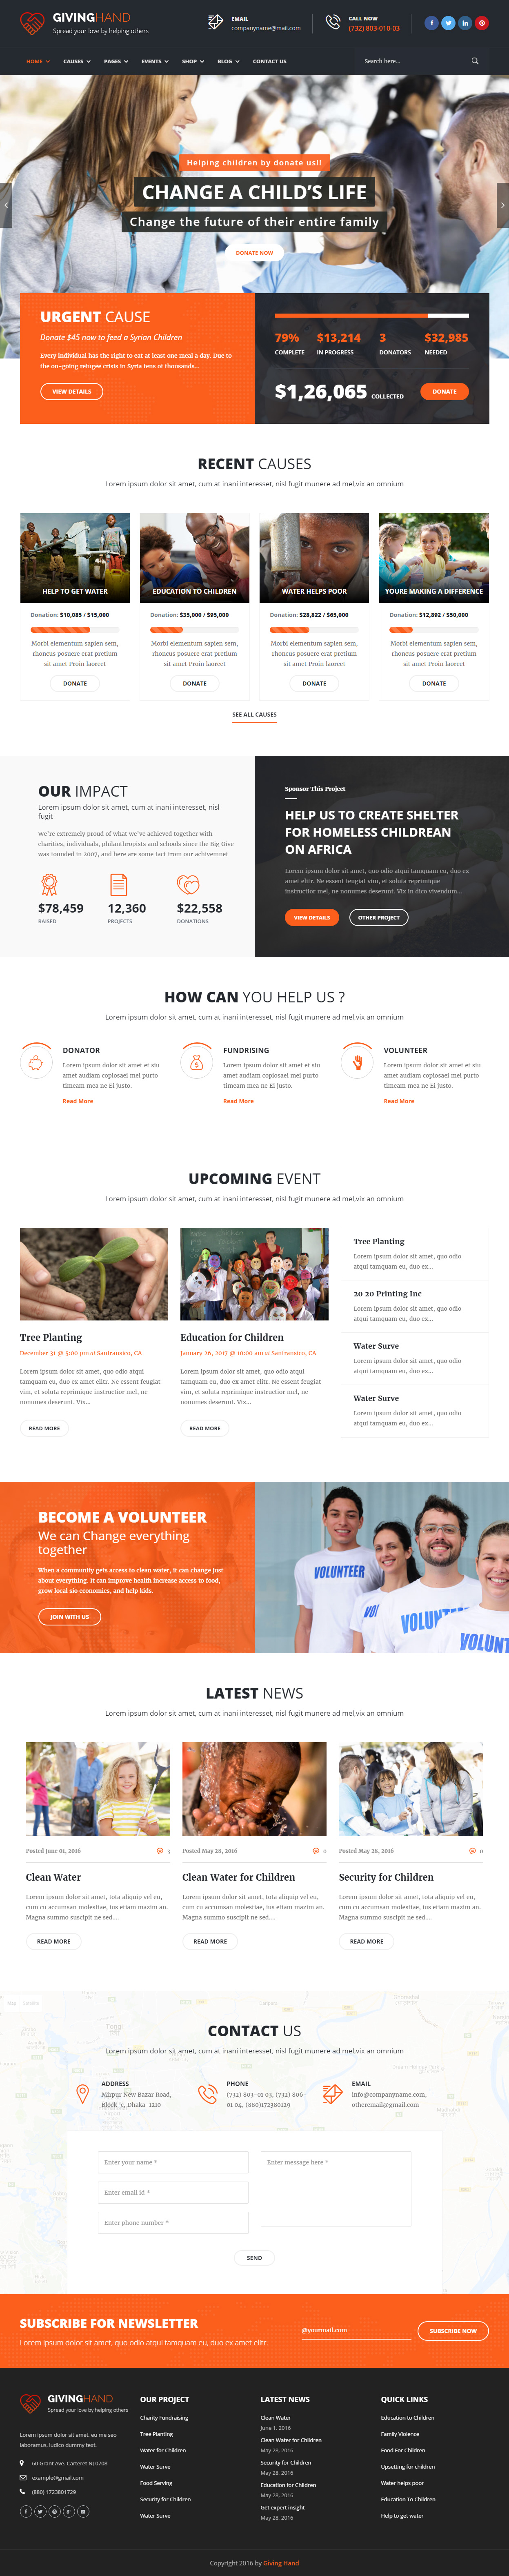 Giving Hand Premium Responsive Charity Wordpress Theme